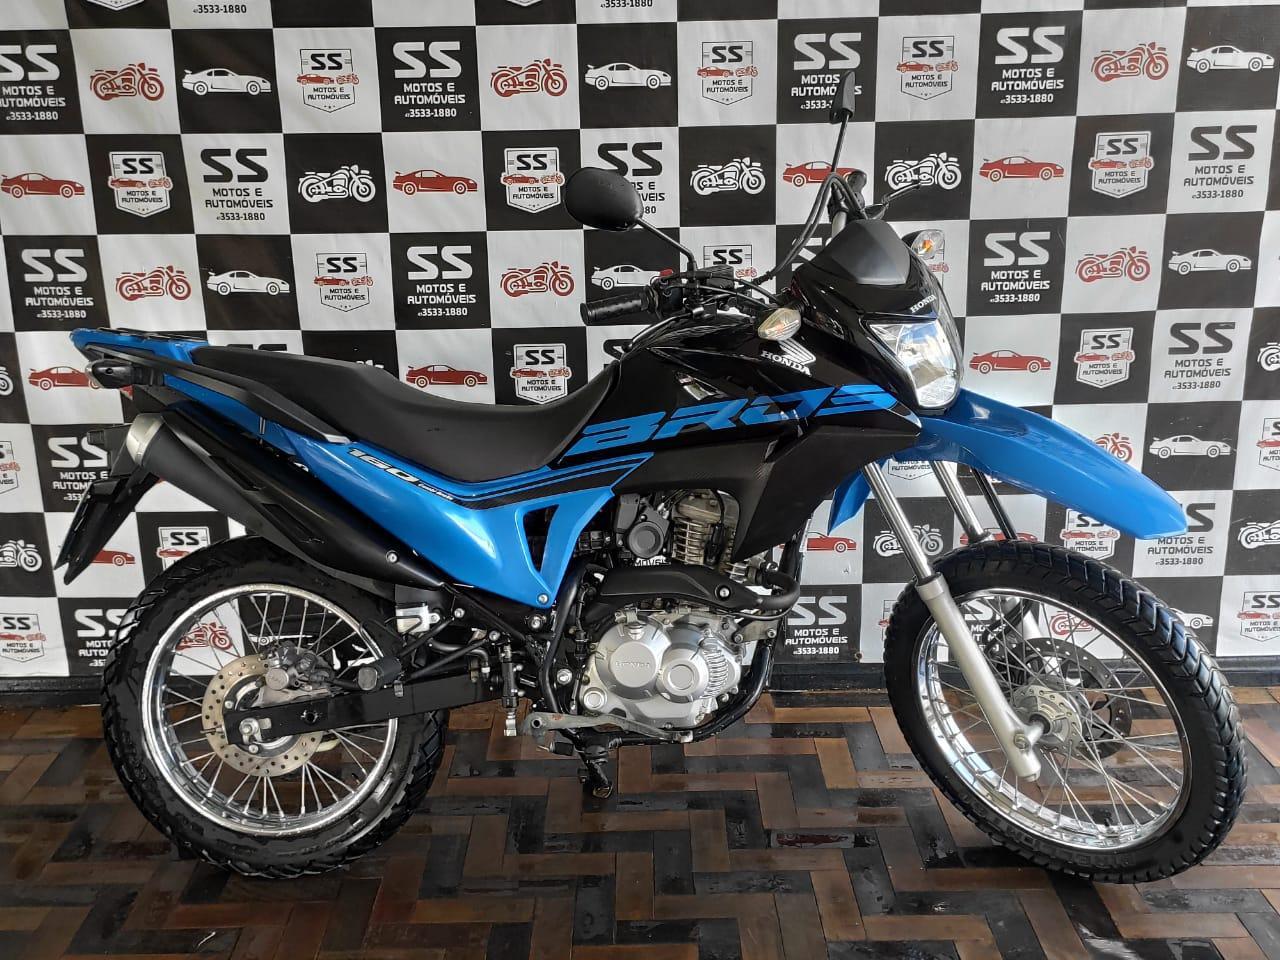 Motocicleta furtada é recuperada pela Polícia Militar em Ituporanga